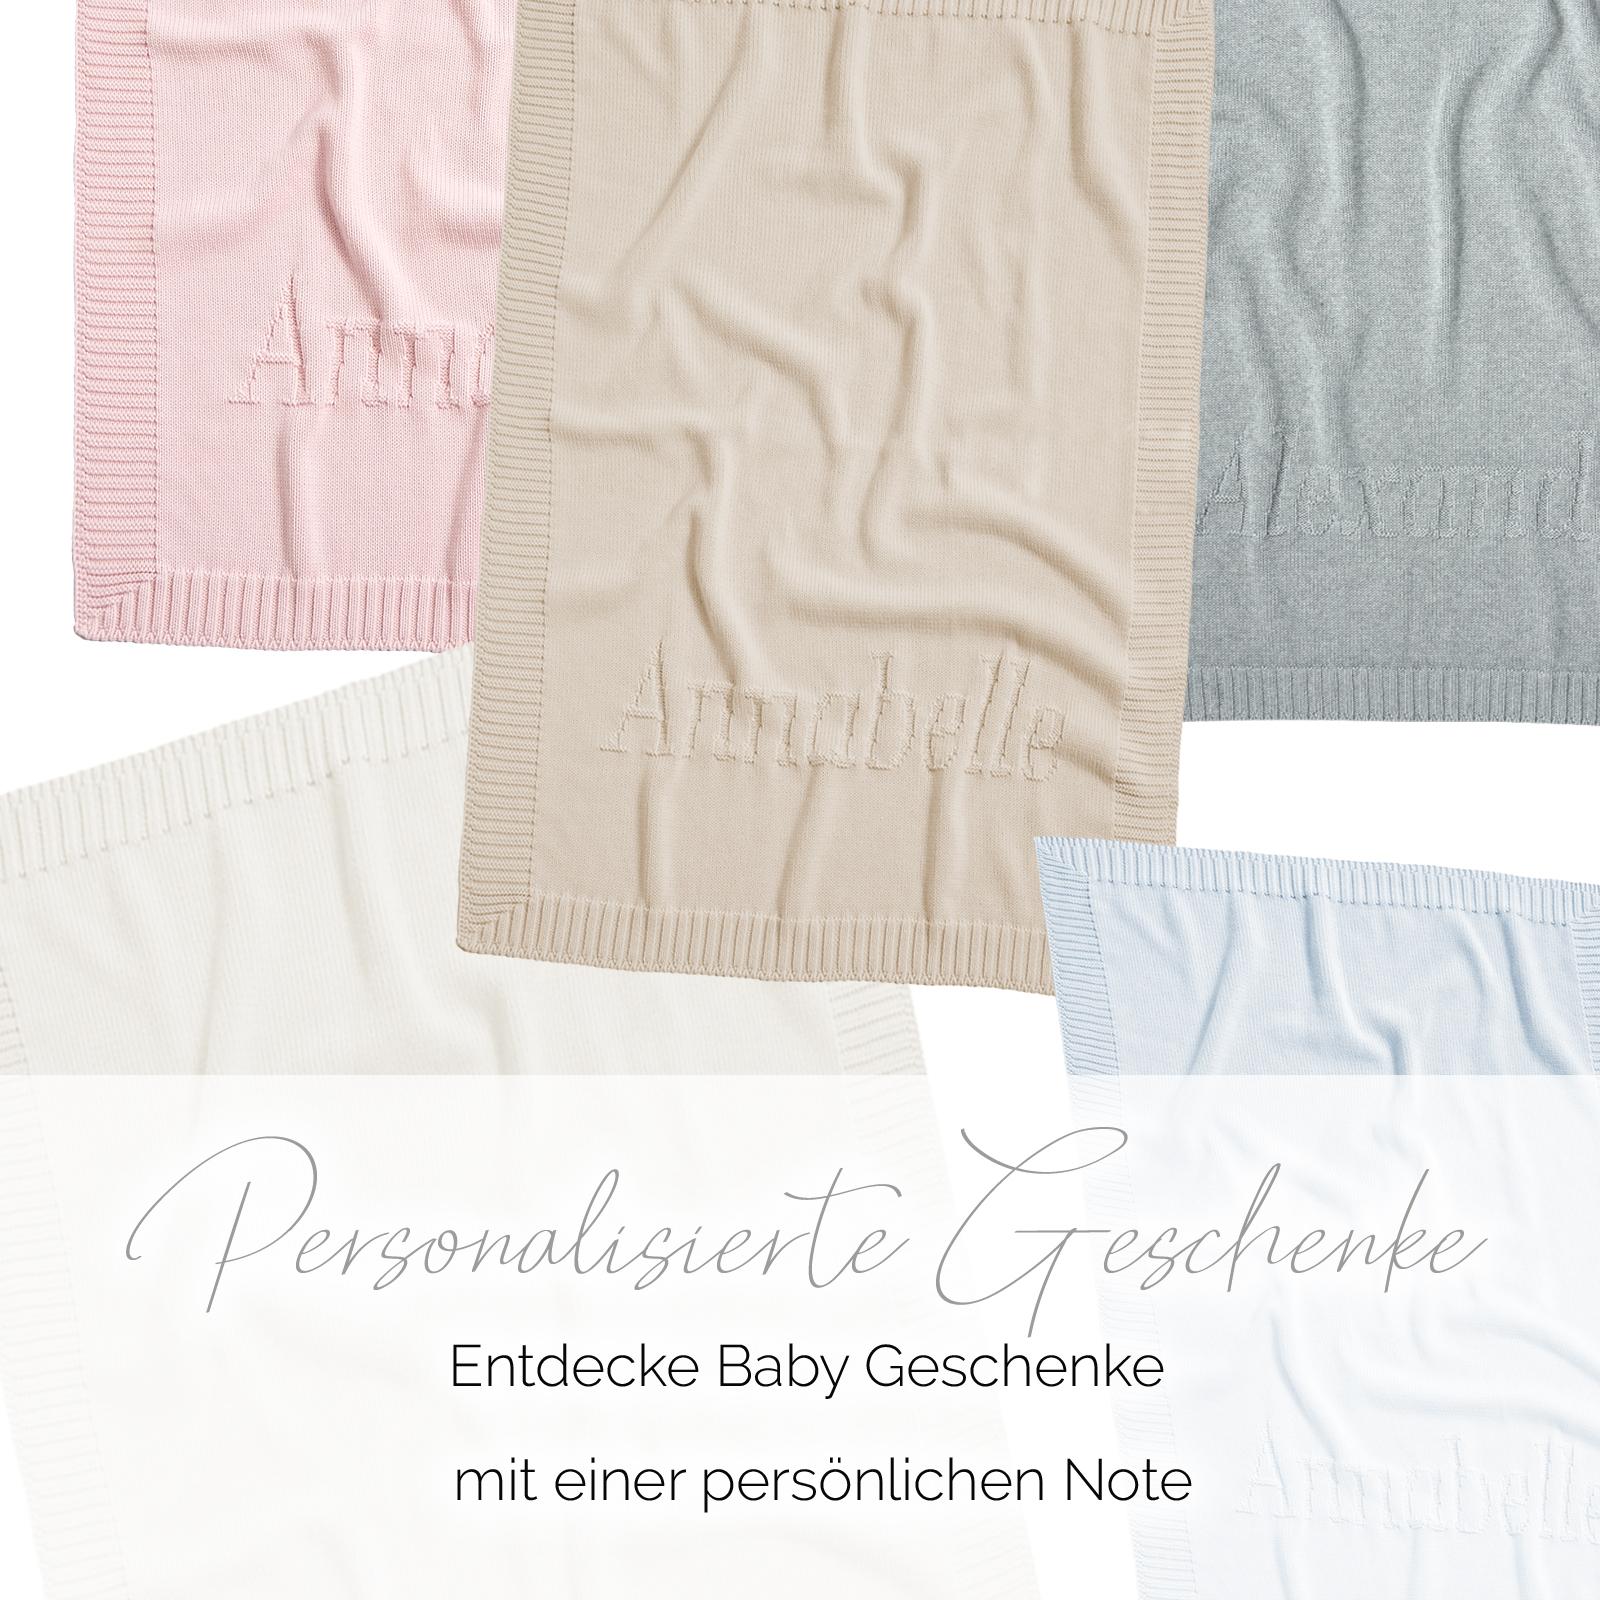 personalisierte_geschenke_banner_mobil Kopie